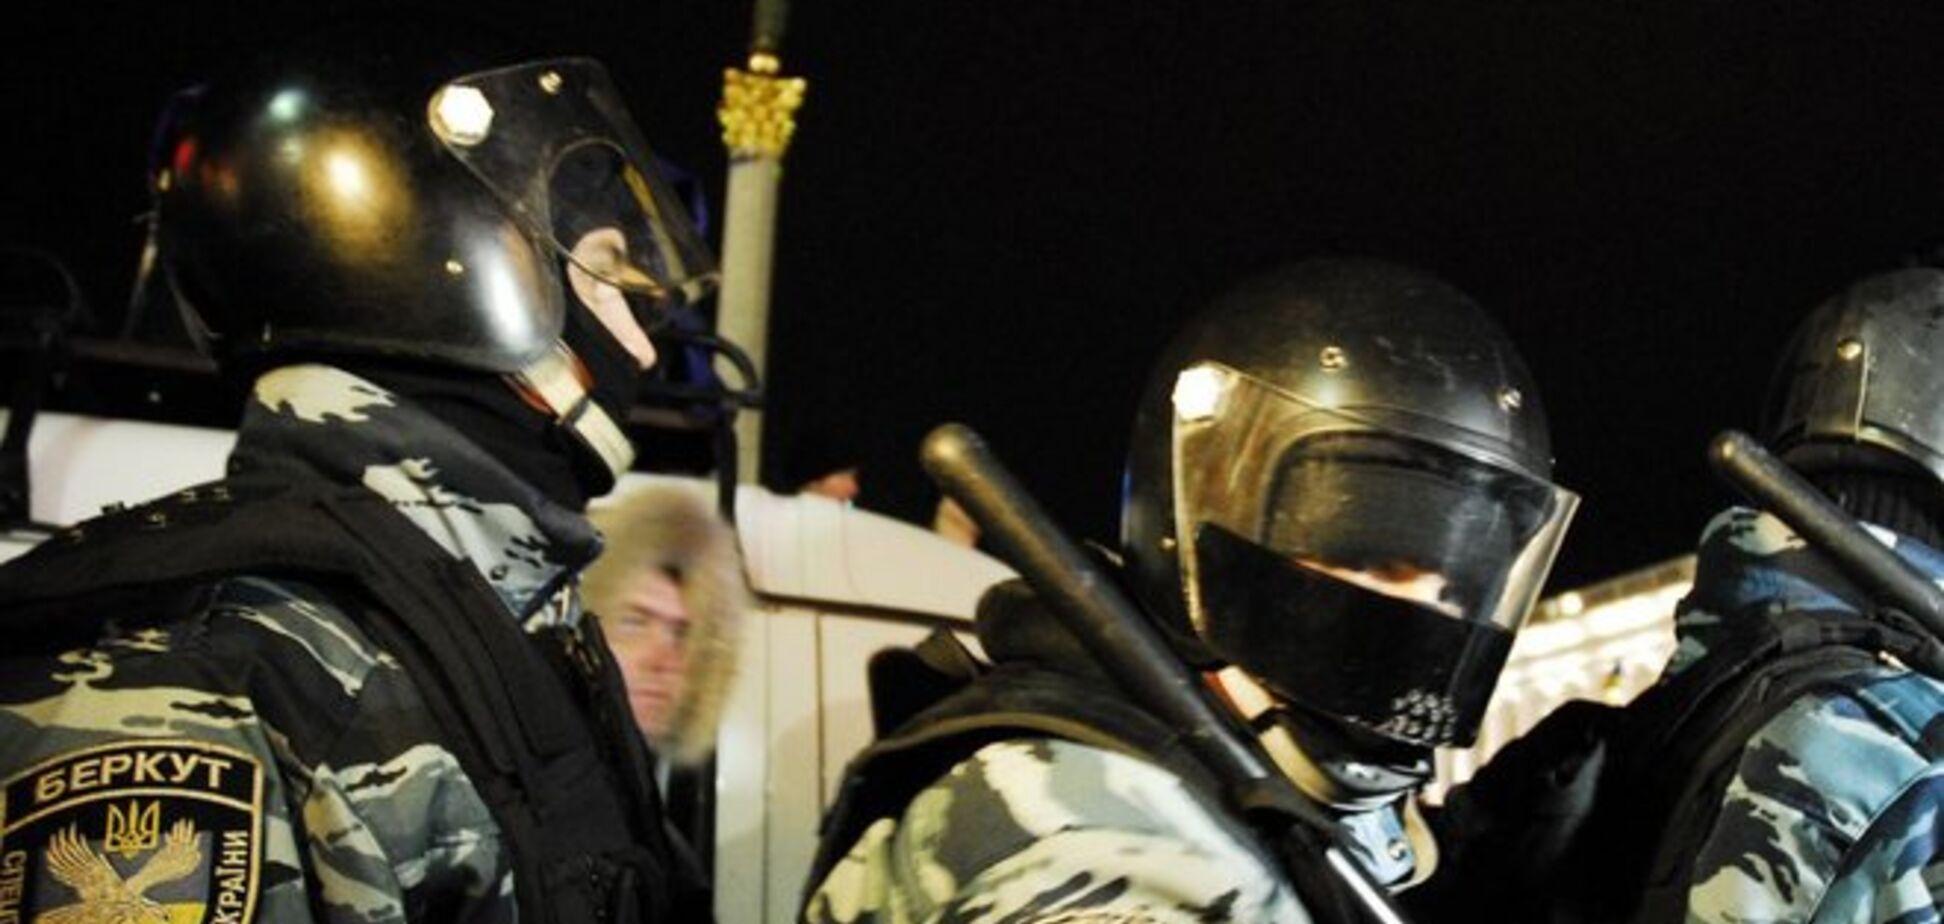 Установлена причастность одного из подразделений 'Беркута' к расстрелу майдановцев - ГПУ